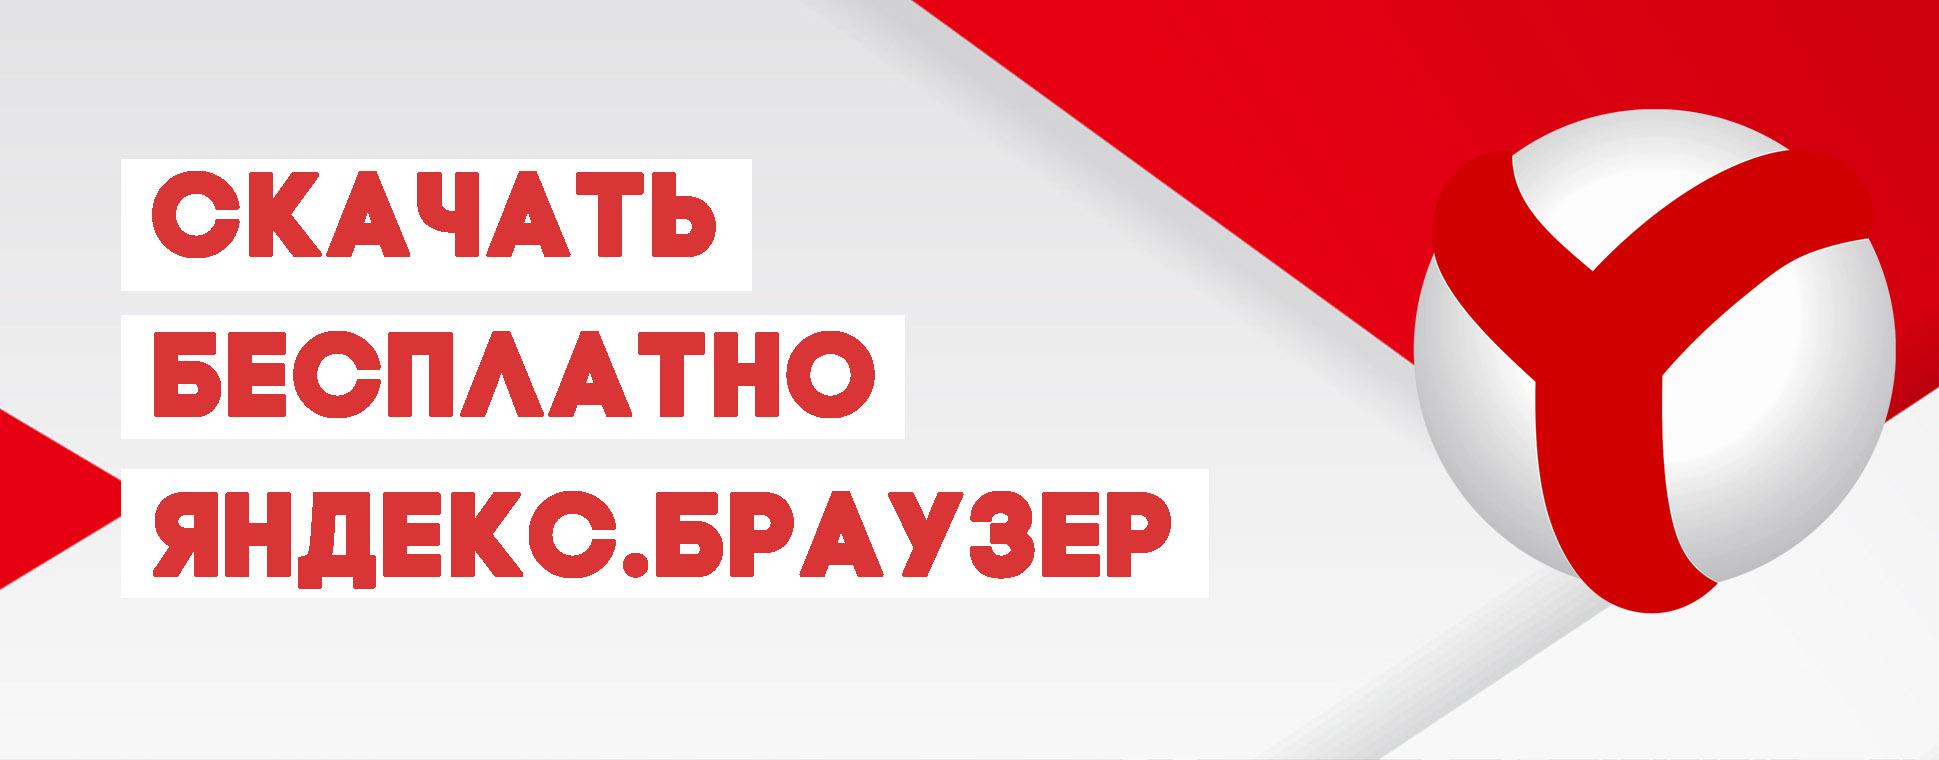 skachat-yandex-browser